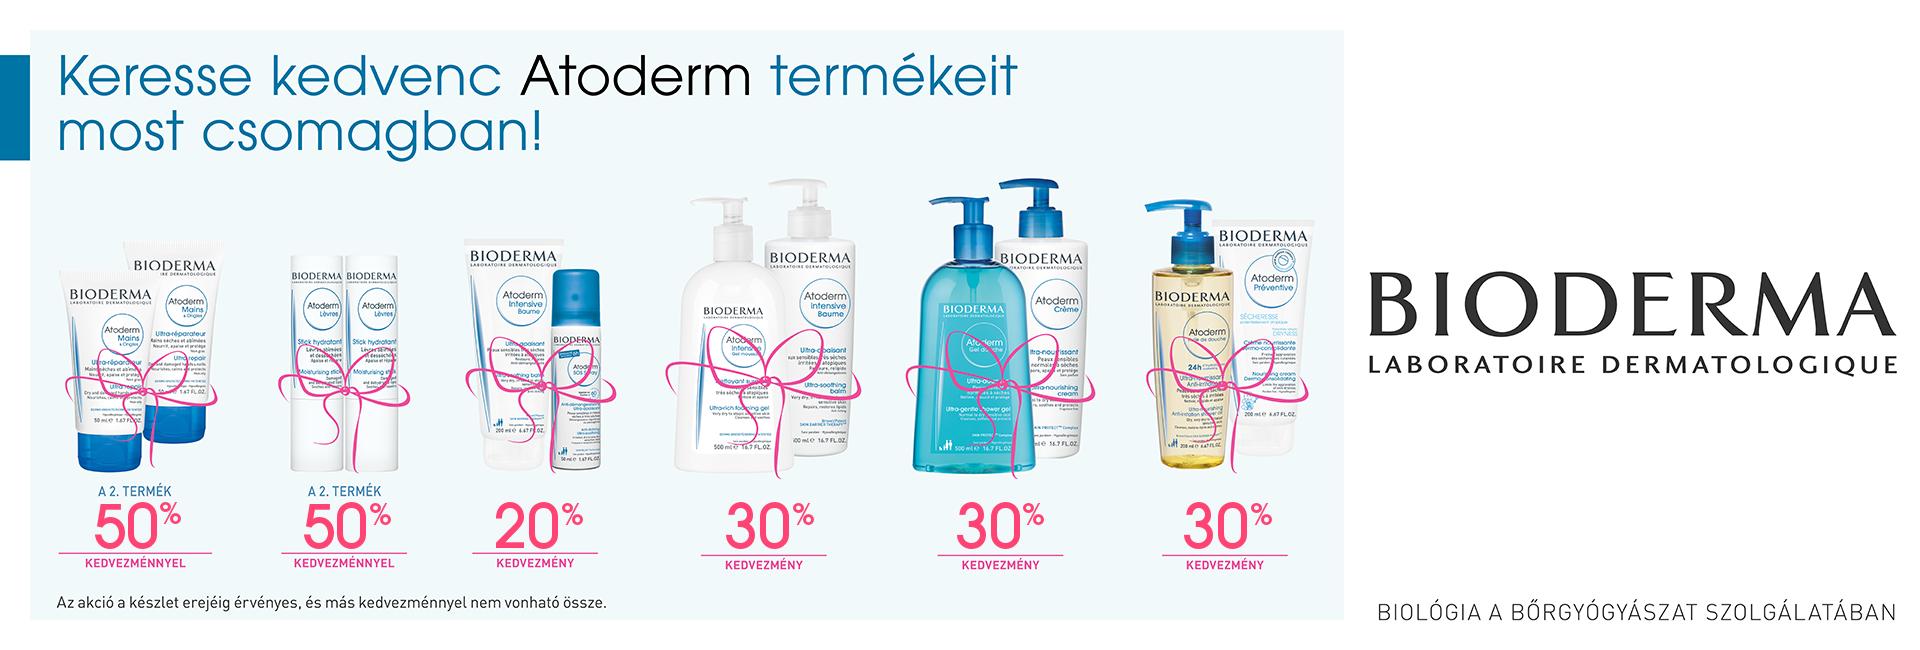 Bioderma Atoderm egyedi csomagok - keresse kedvenc Bioderma Atoderm termékeit csomagban, most akár 50% kedvezménnyel!